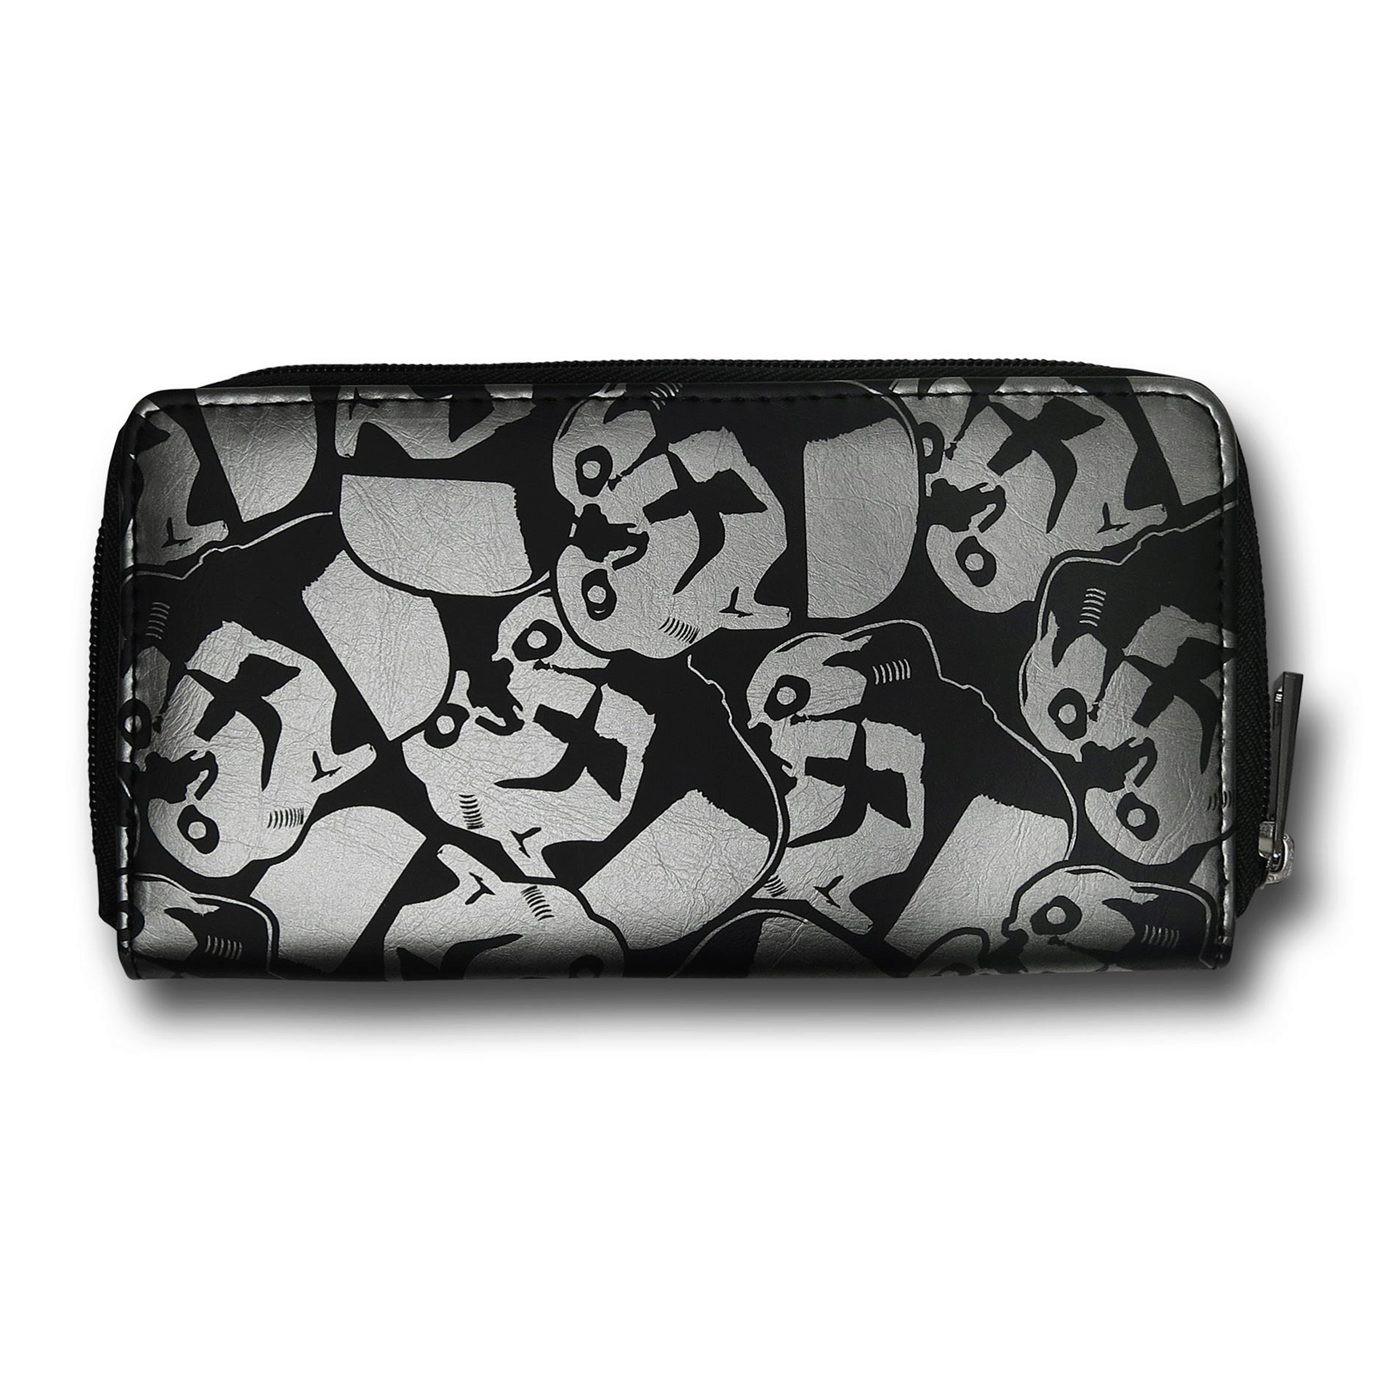 Star Wars Stormtrooper Helmets Zip Around Wallet